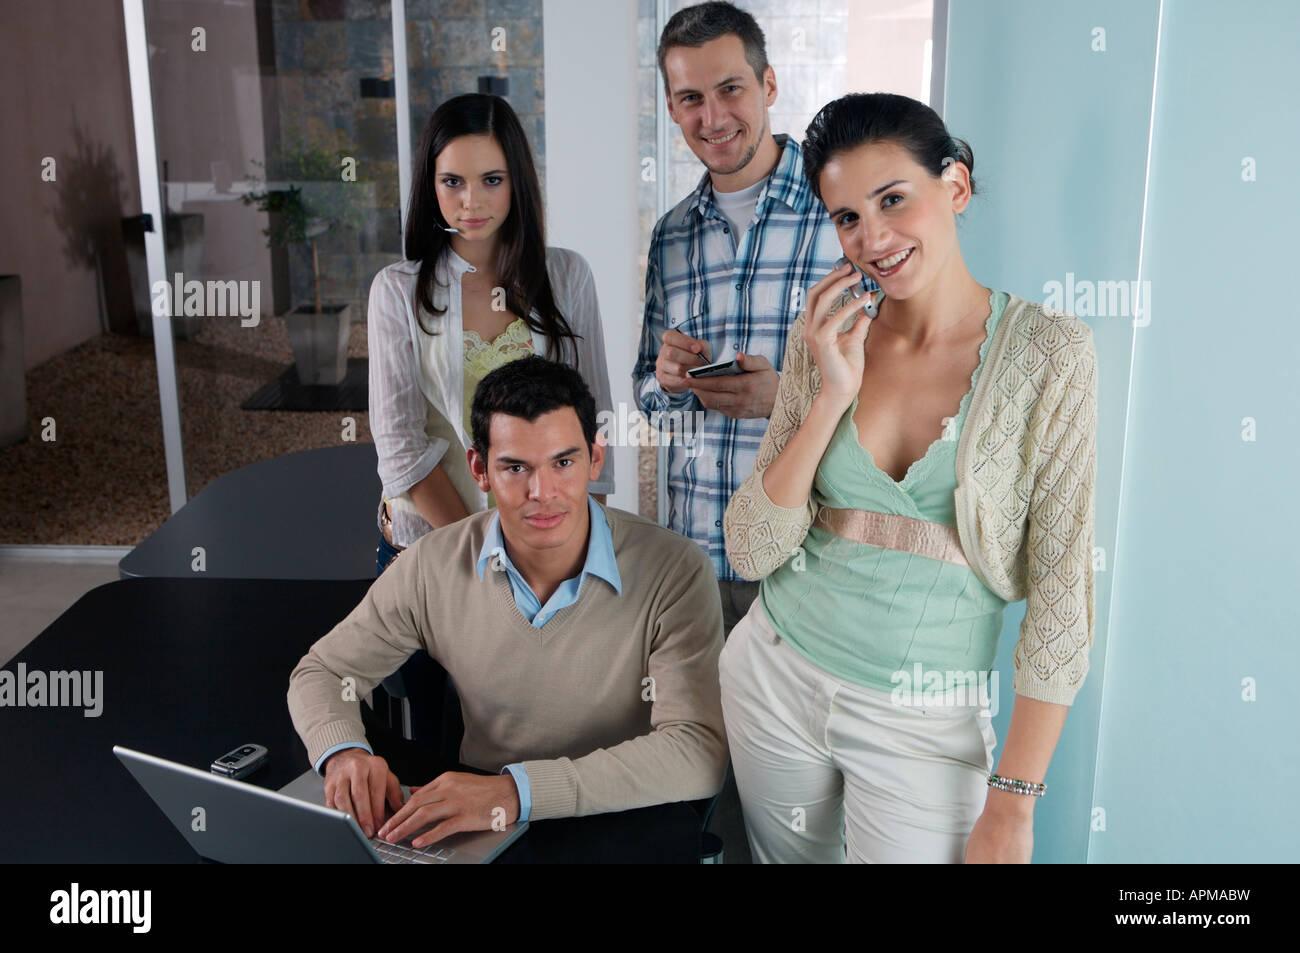 La gente en la oficina Foto de stock